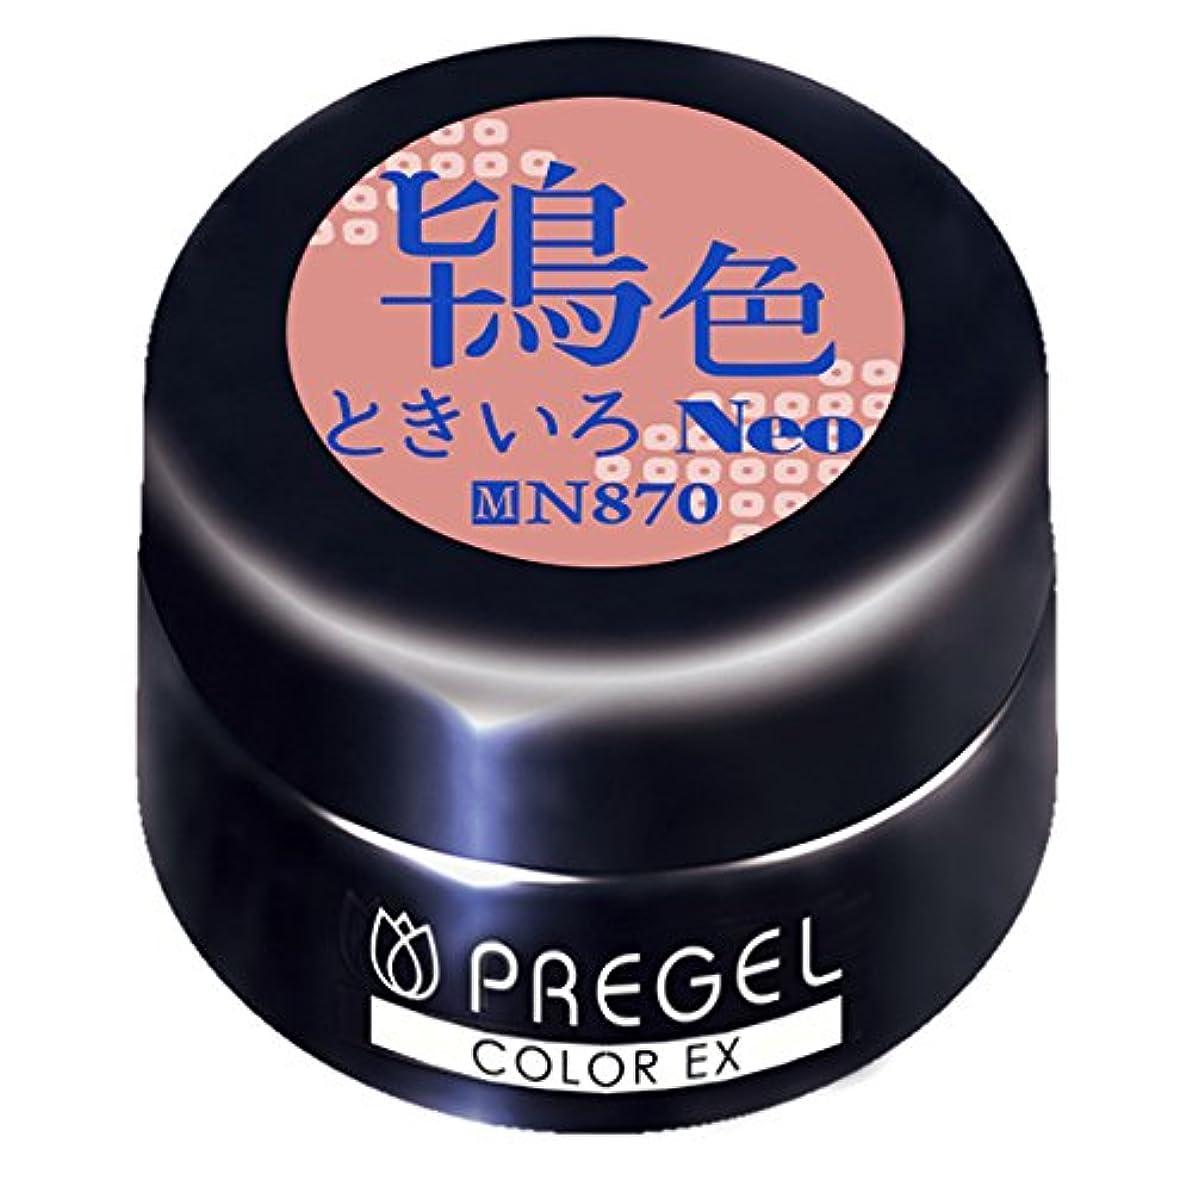 巻き戻す晴れ受動的PRE GELカラーEX 鴇色(ときいろ)neo 3g PG-CEN870